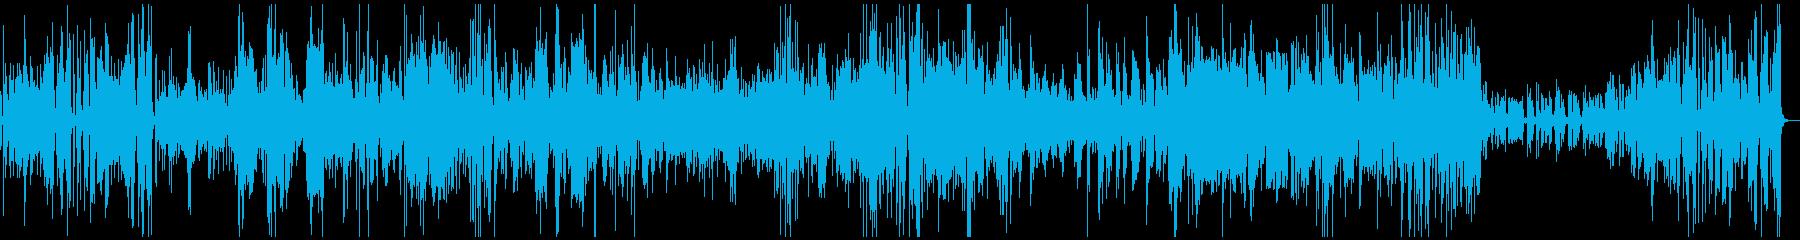 ブルースジャズ。の再生済みの波形